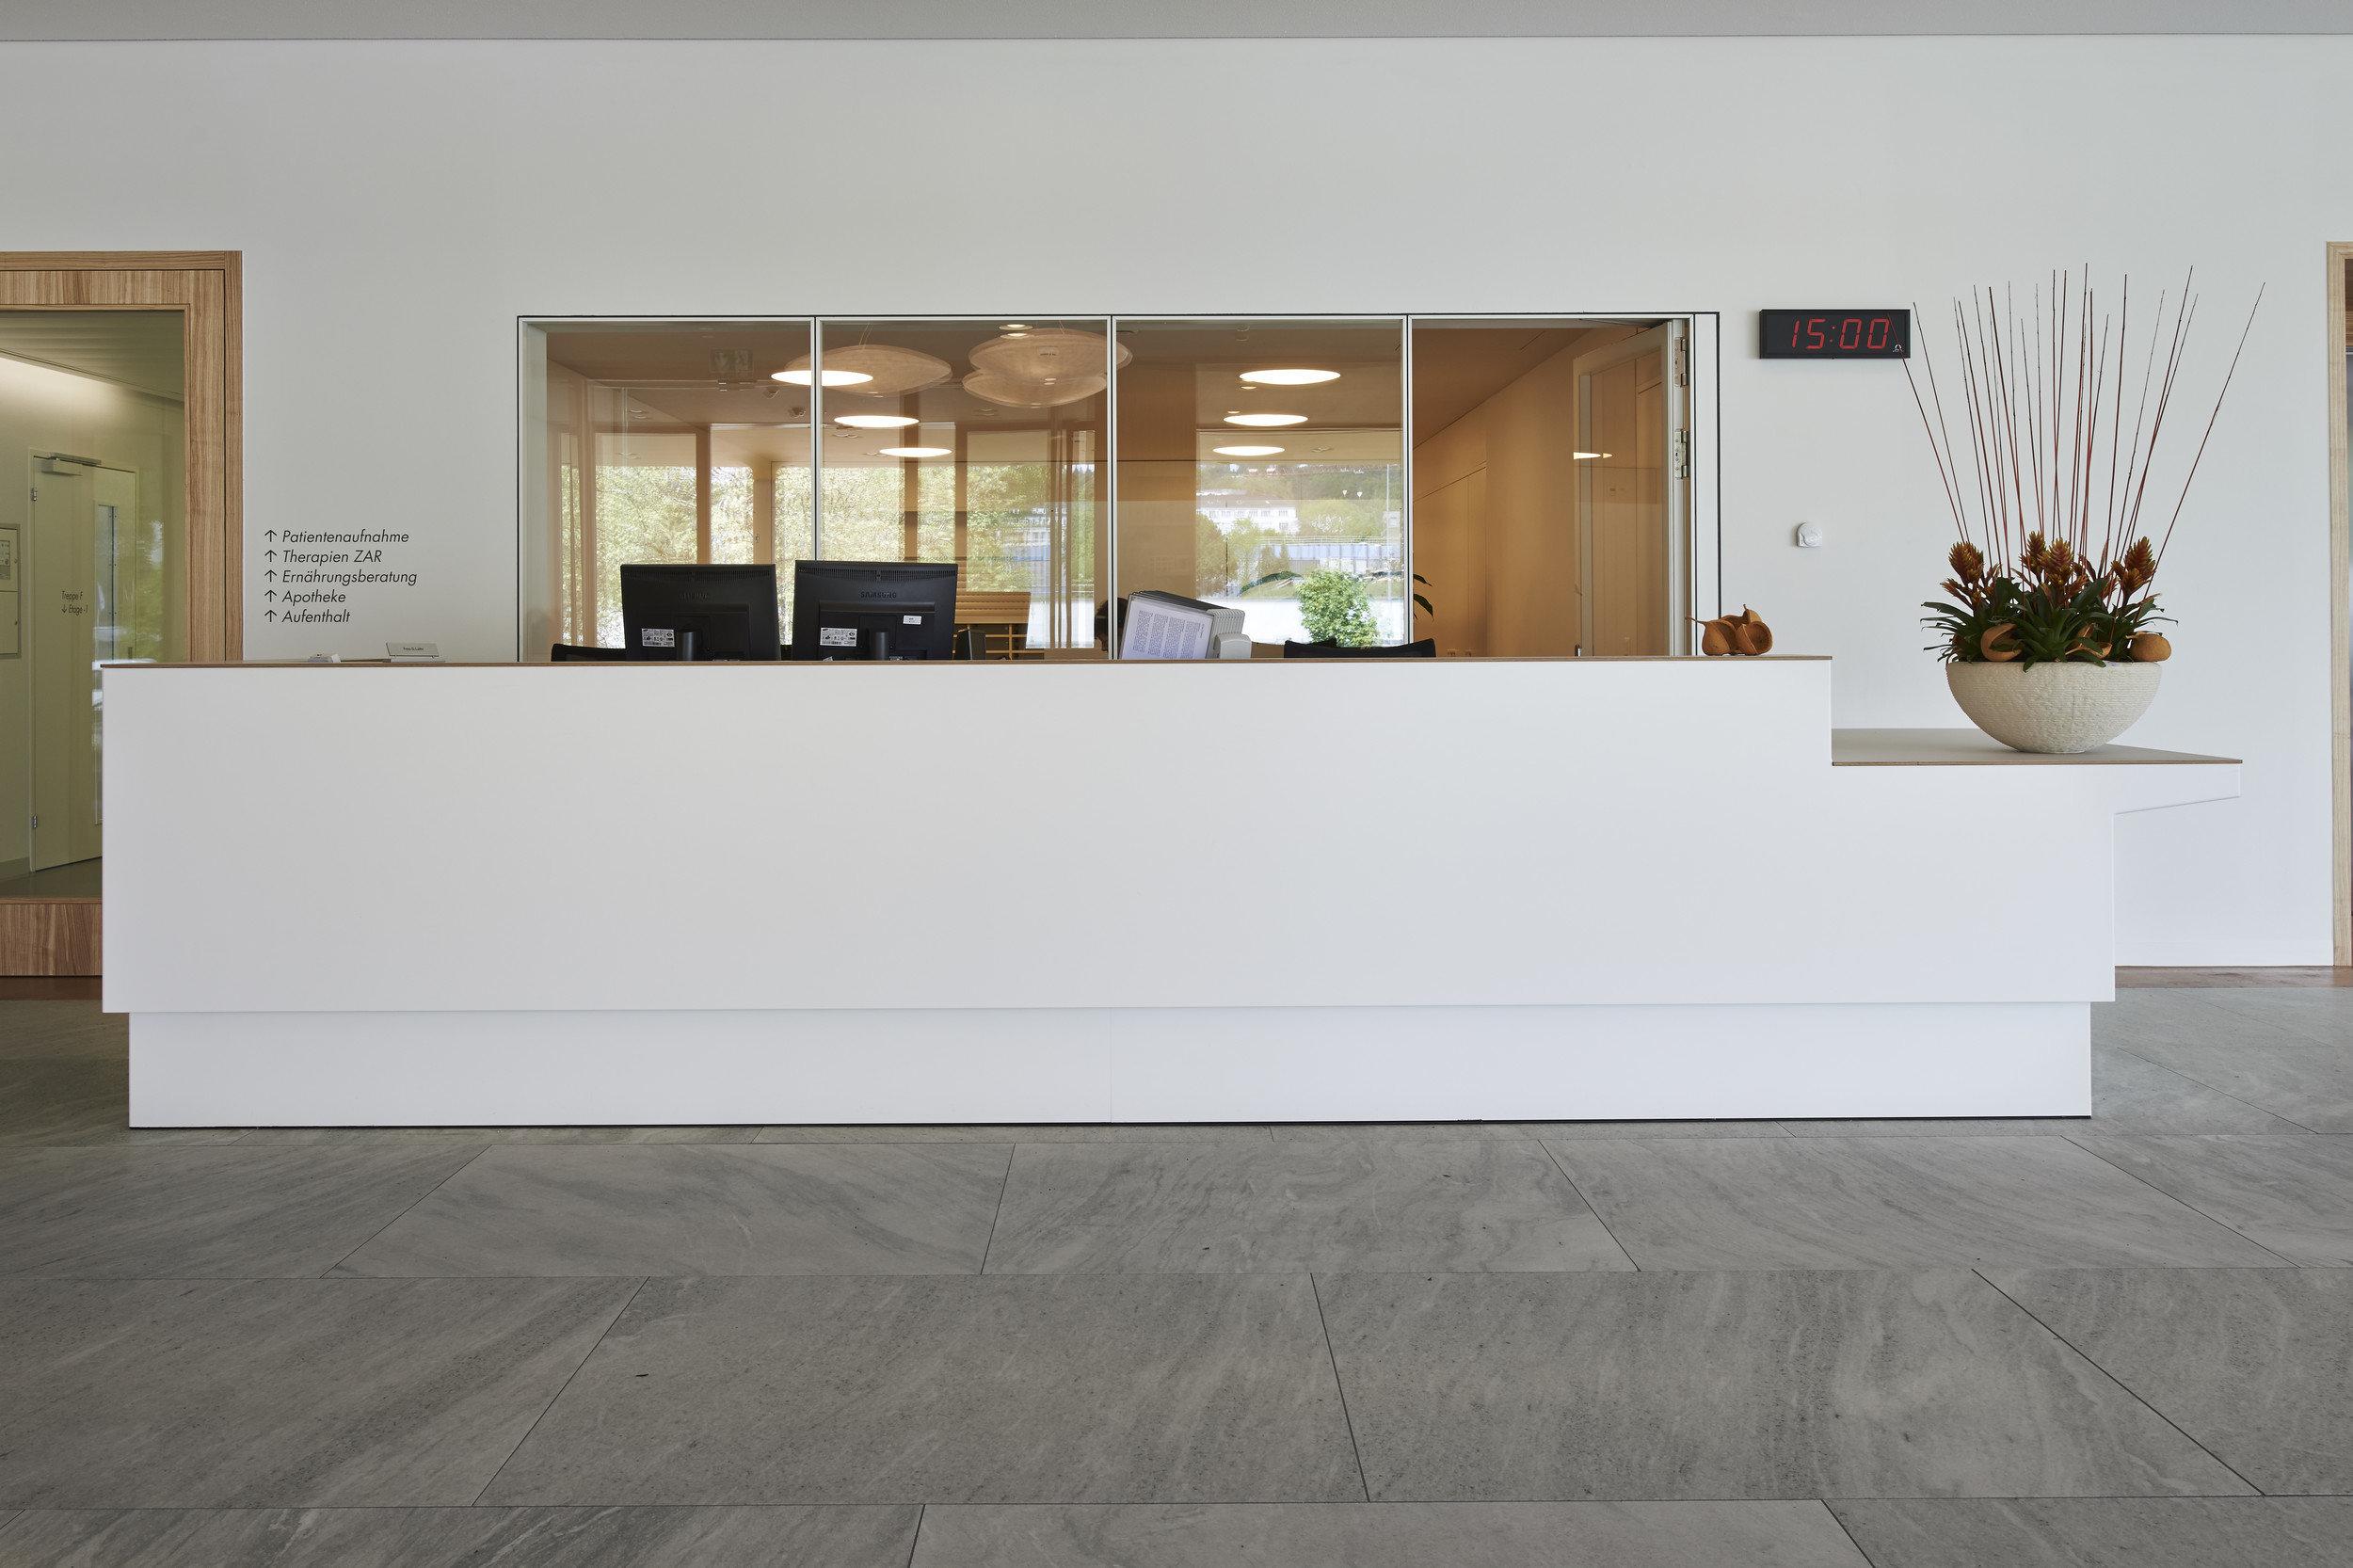 Weisse Empfangstheke aus Holz mit grosszügiger dahinter liegender Glasfläche